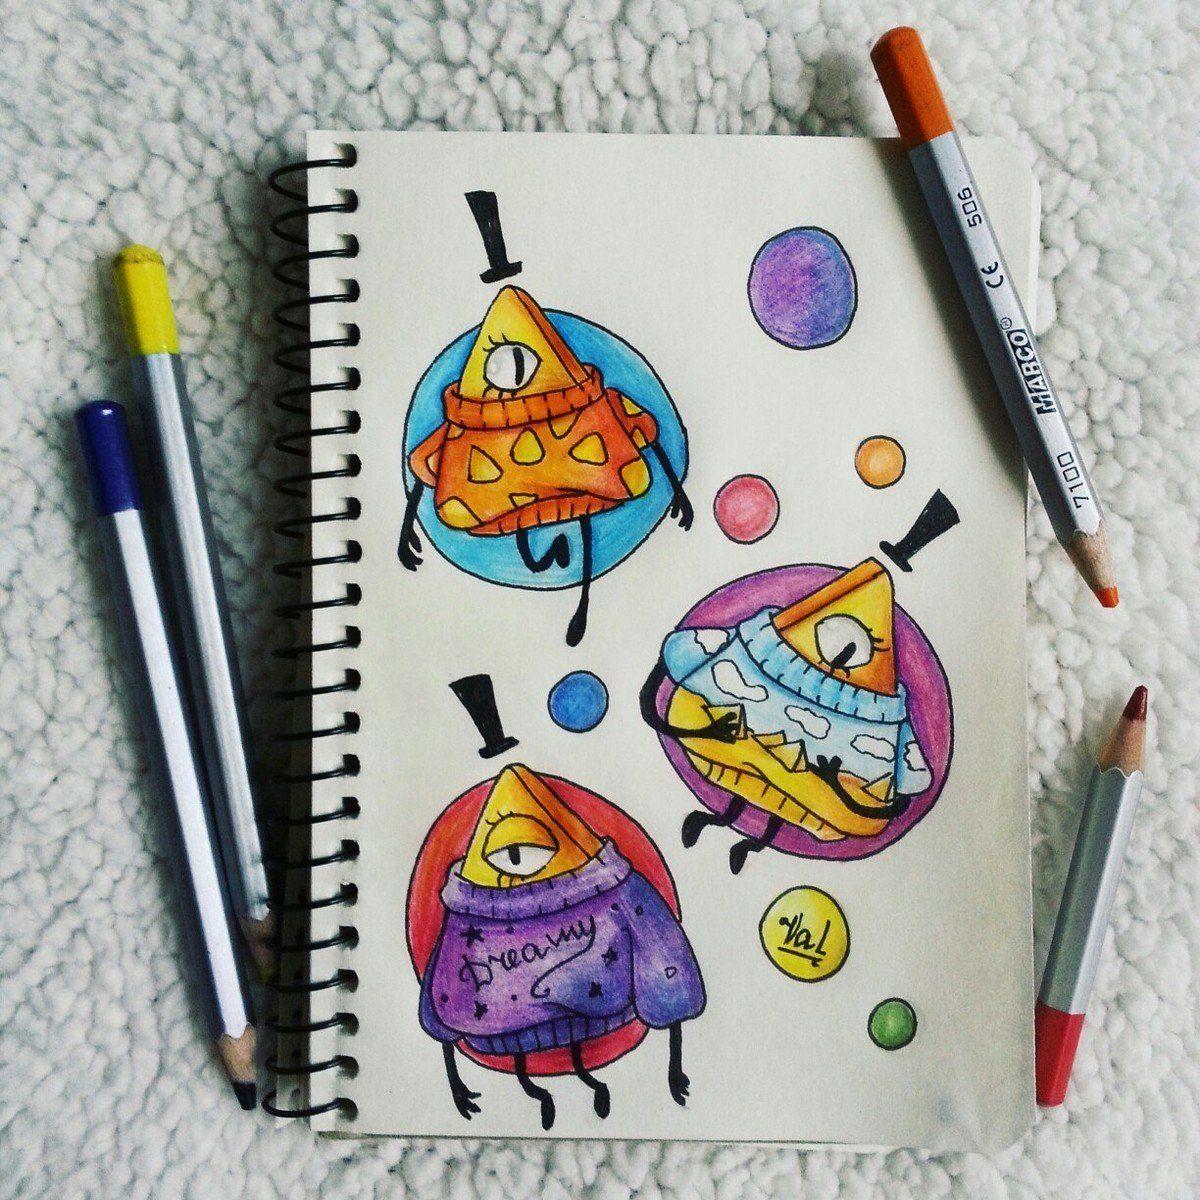 Картинки для личного дневника красивые и прикольные